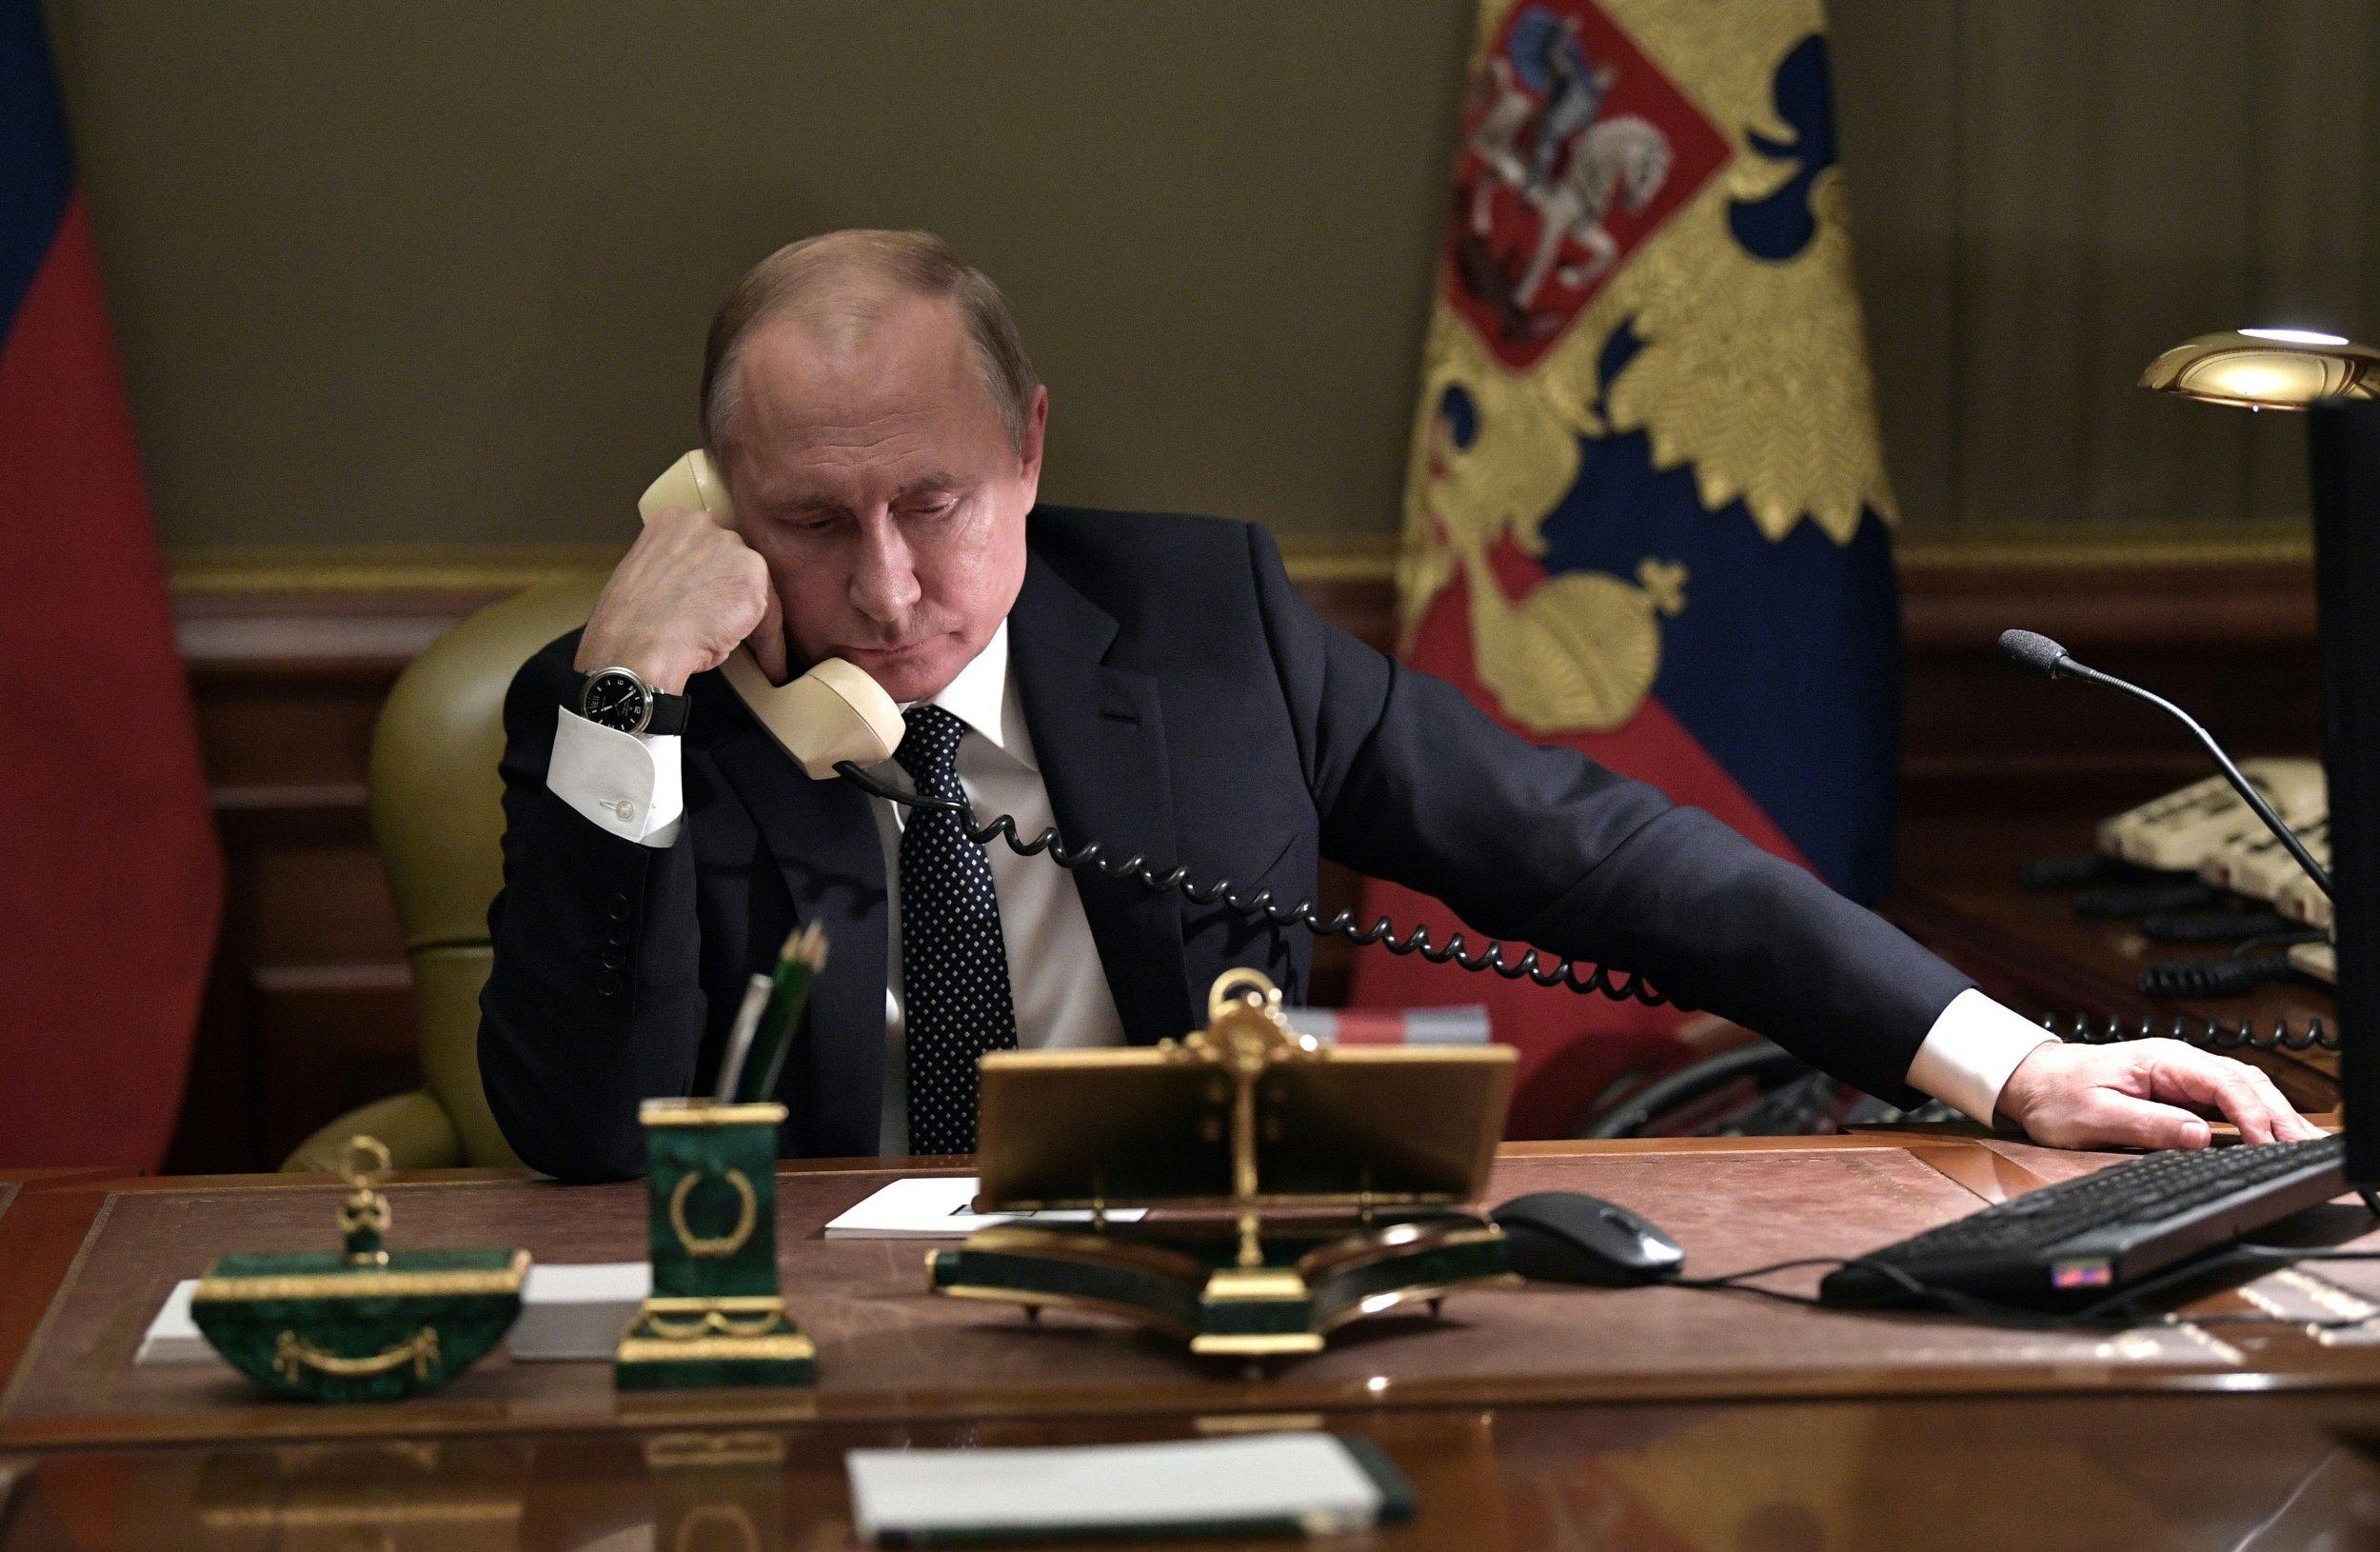 Vladimir Putin sanctions Russia U.S.